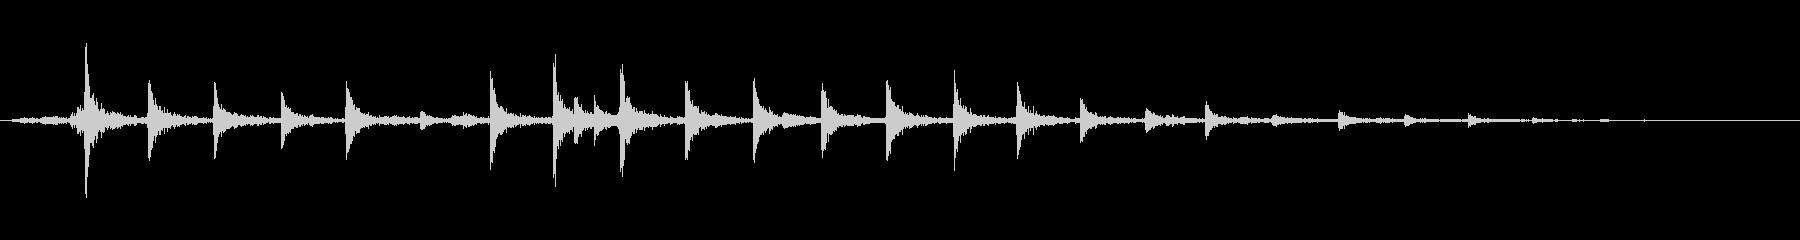 メタルフェンスゲートガラガラの未再生の波形